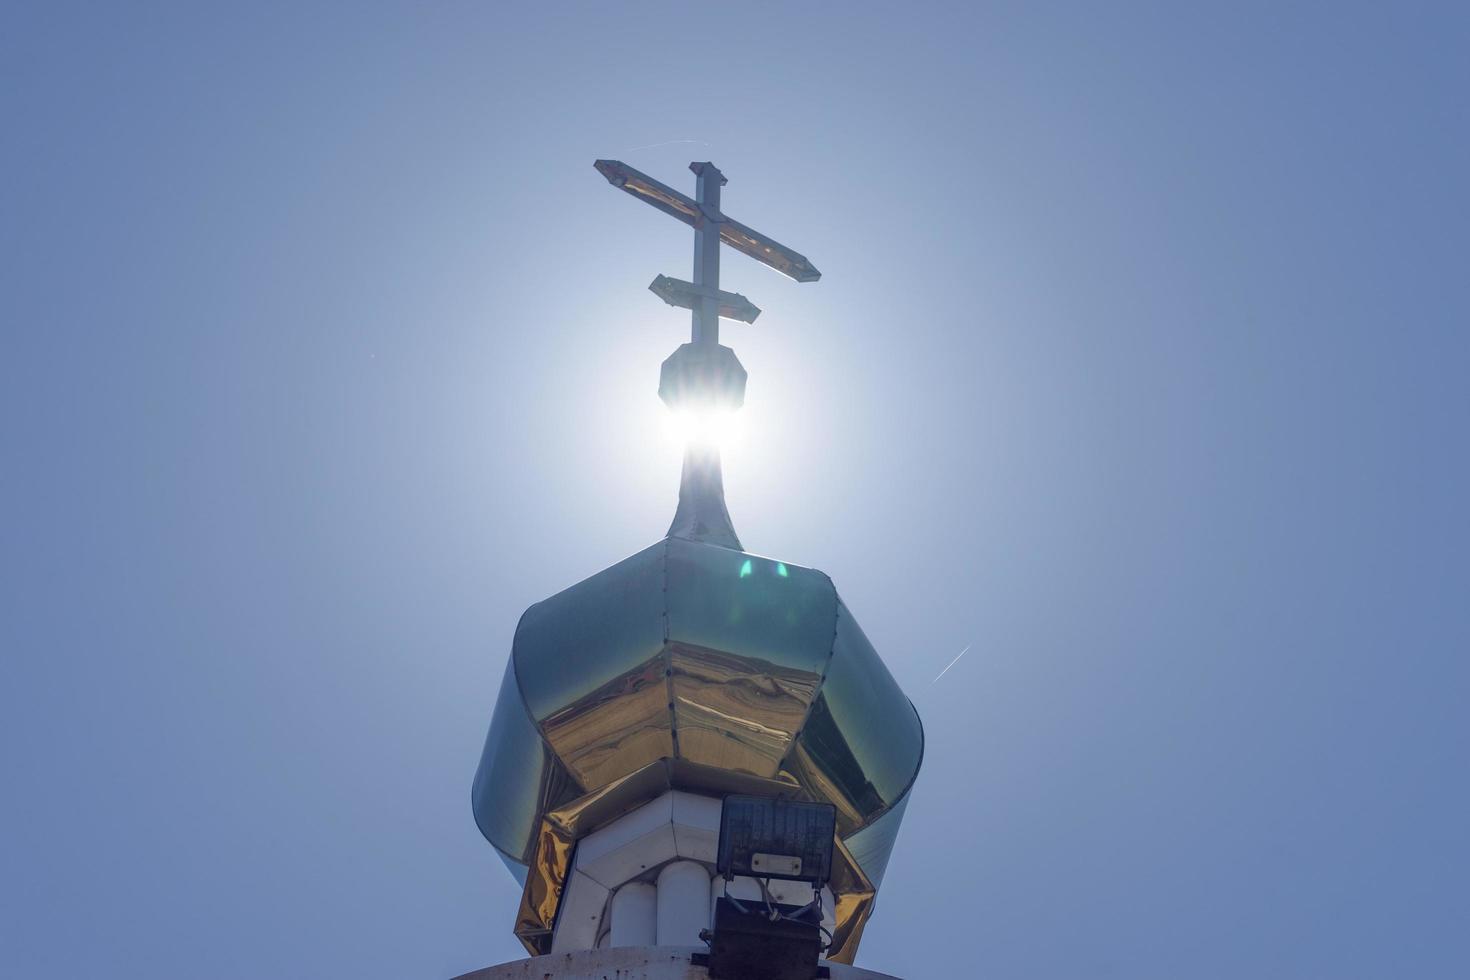 Golden Dome sur un clocher rétroéclairé avec un ciel bleu clair à Vladivostok, Russie photo